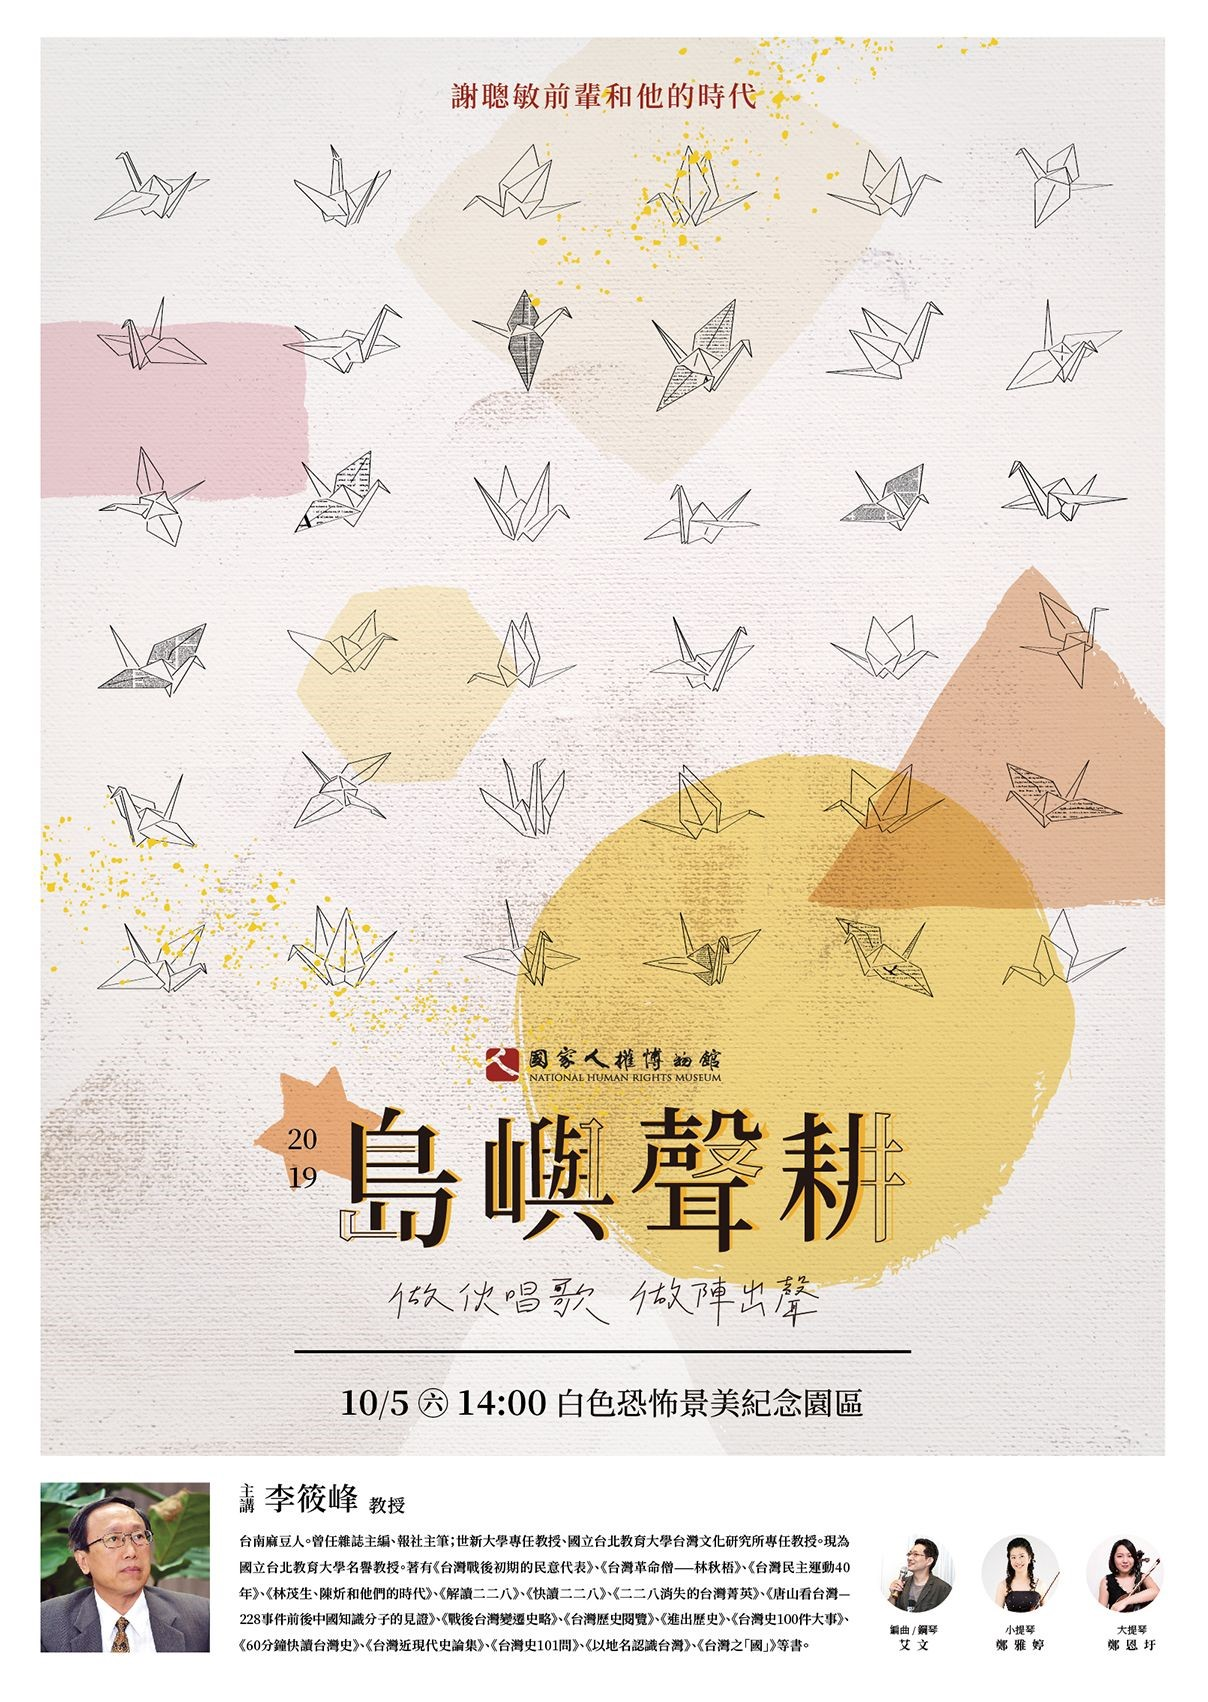 20191005謝聰敏和他的時代海報.jpg